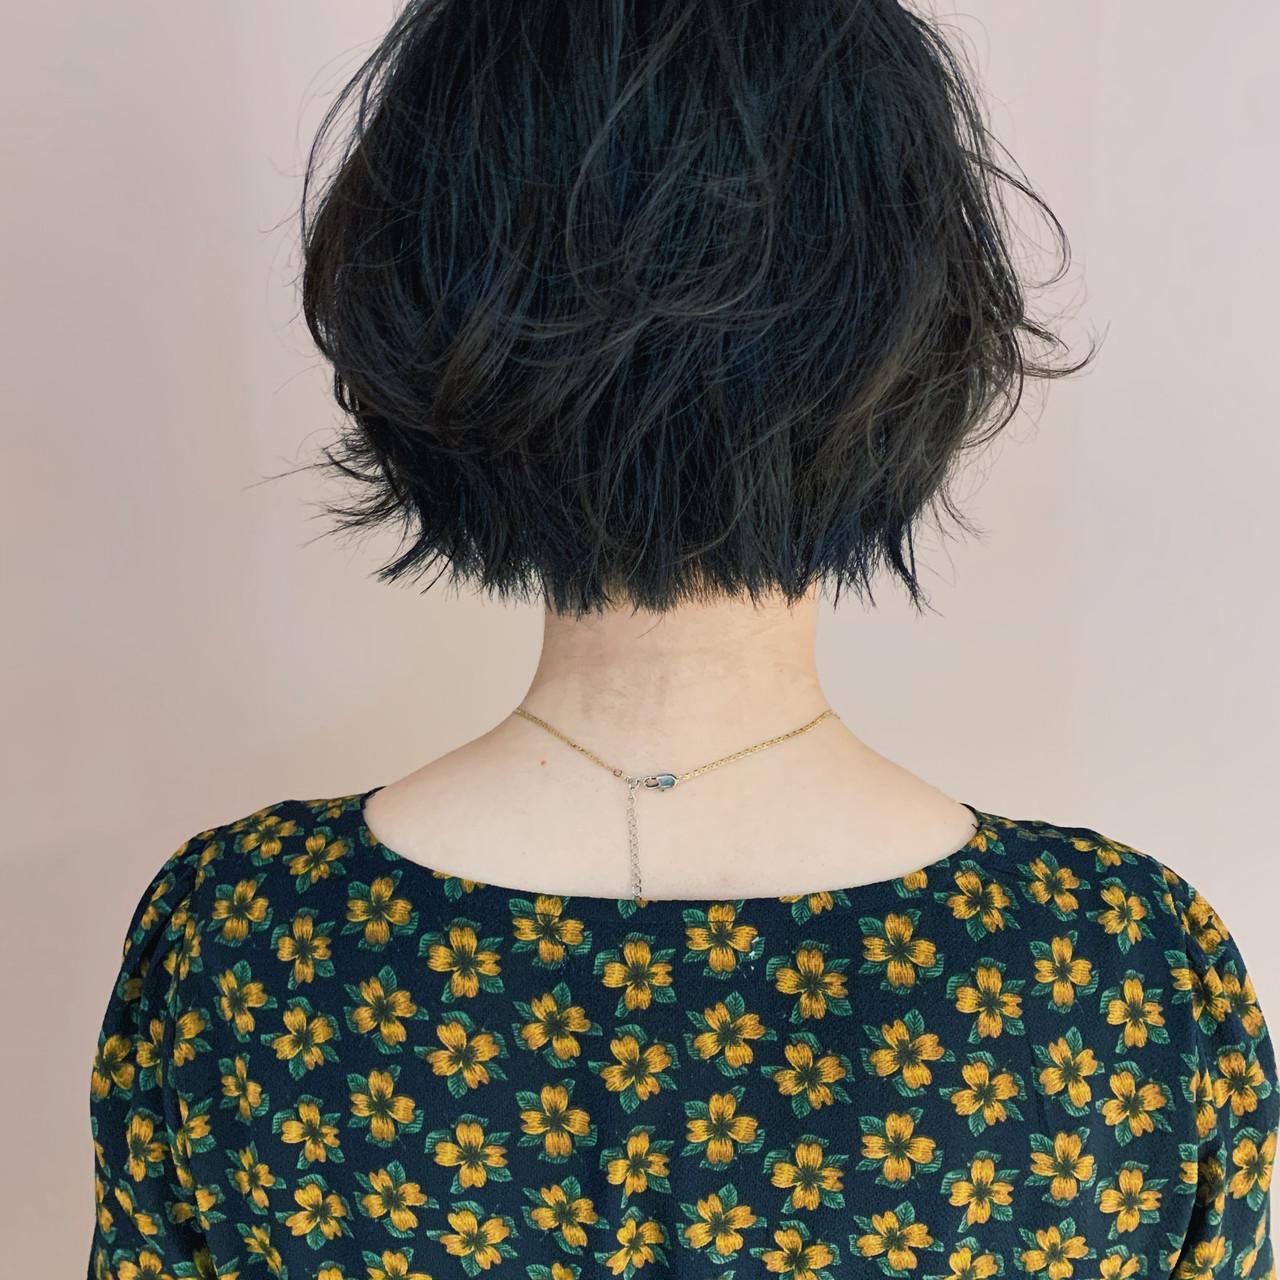 ショートヘア ミニボブ 切りっぱなしボブ 大人かわいいヘアスタイルや髪型の写真・画像